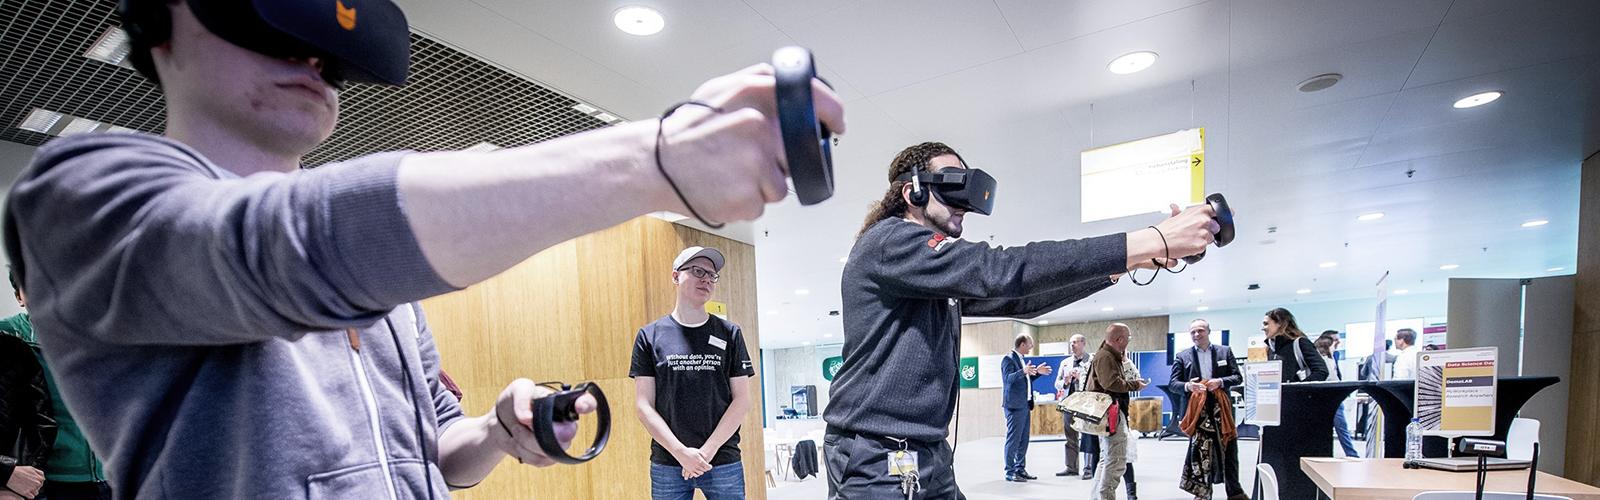 Bezoekers gebruiken virtual reality-apparatuur tijdens de Data Science Day 2017.